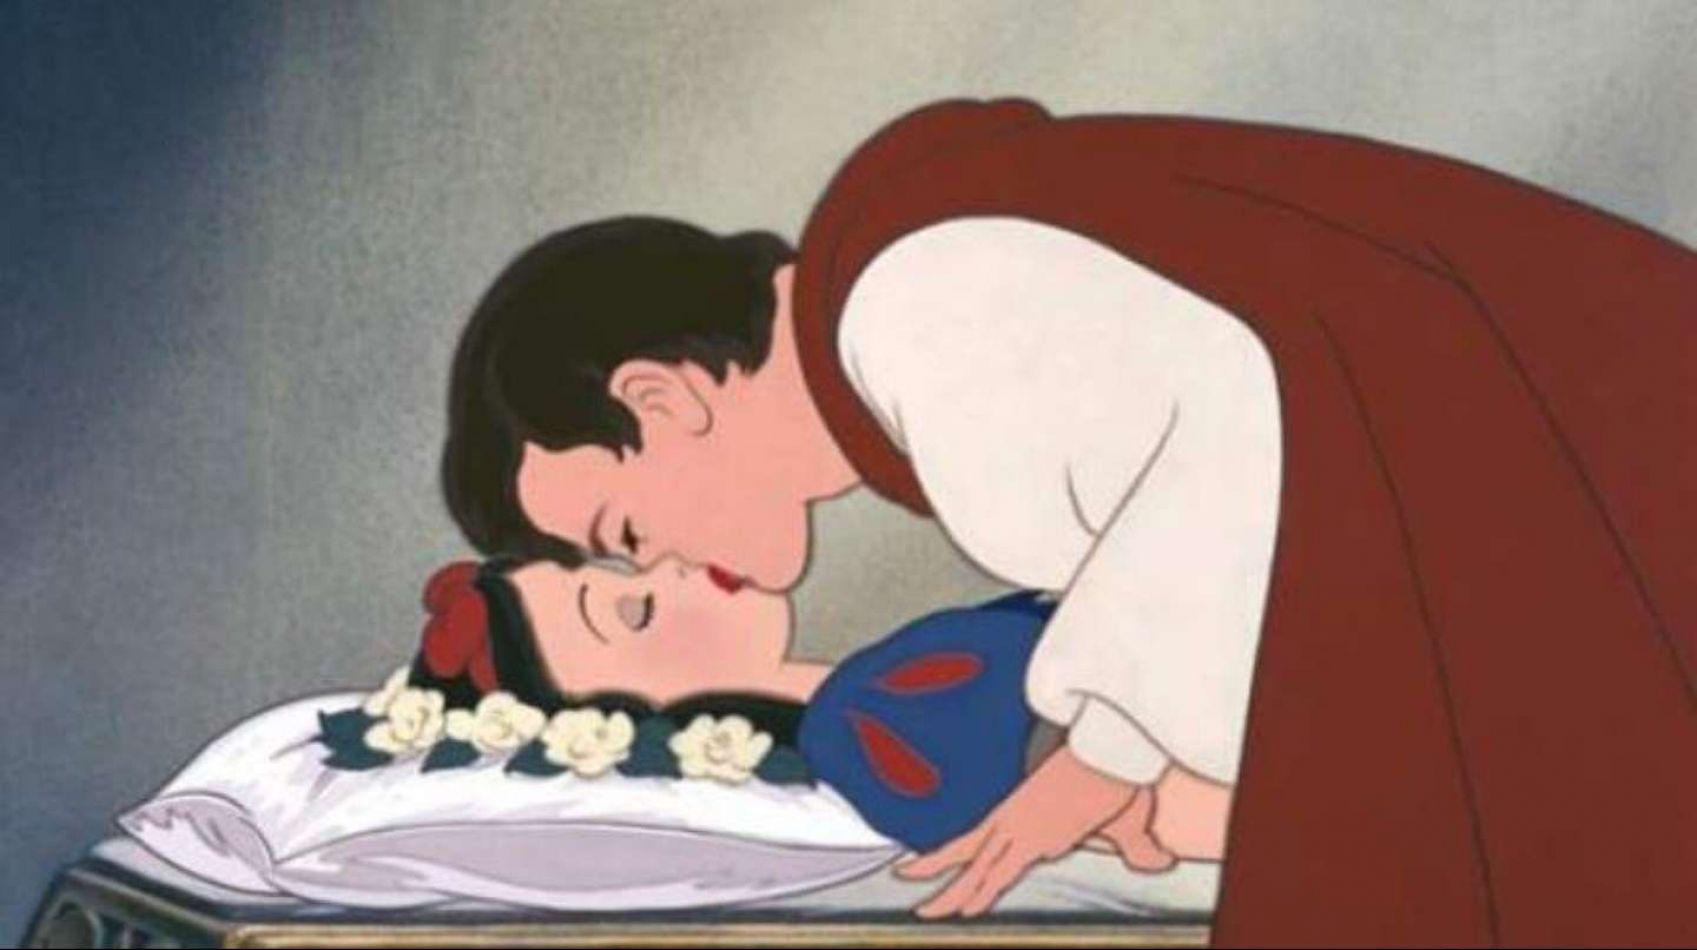 ¿Blancanieves censurada? piden cancelar el beso del príncipe porque no fue consensuado